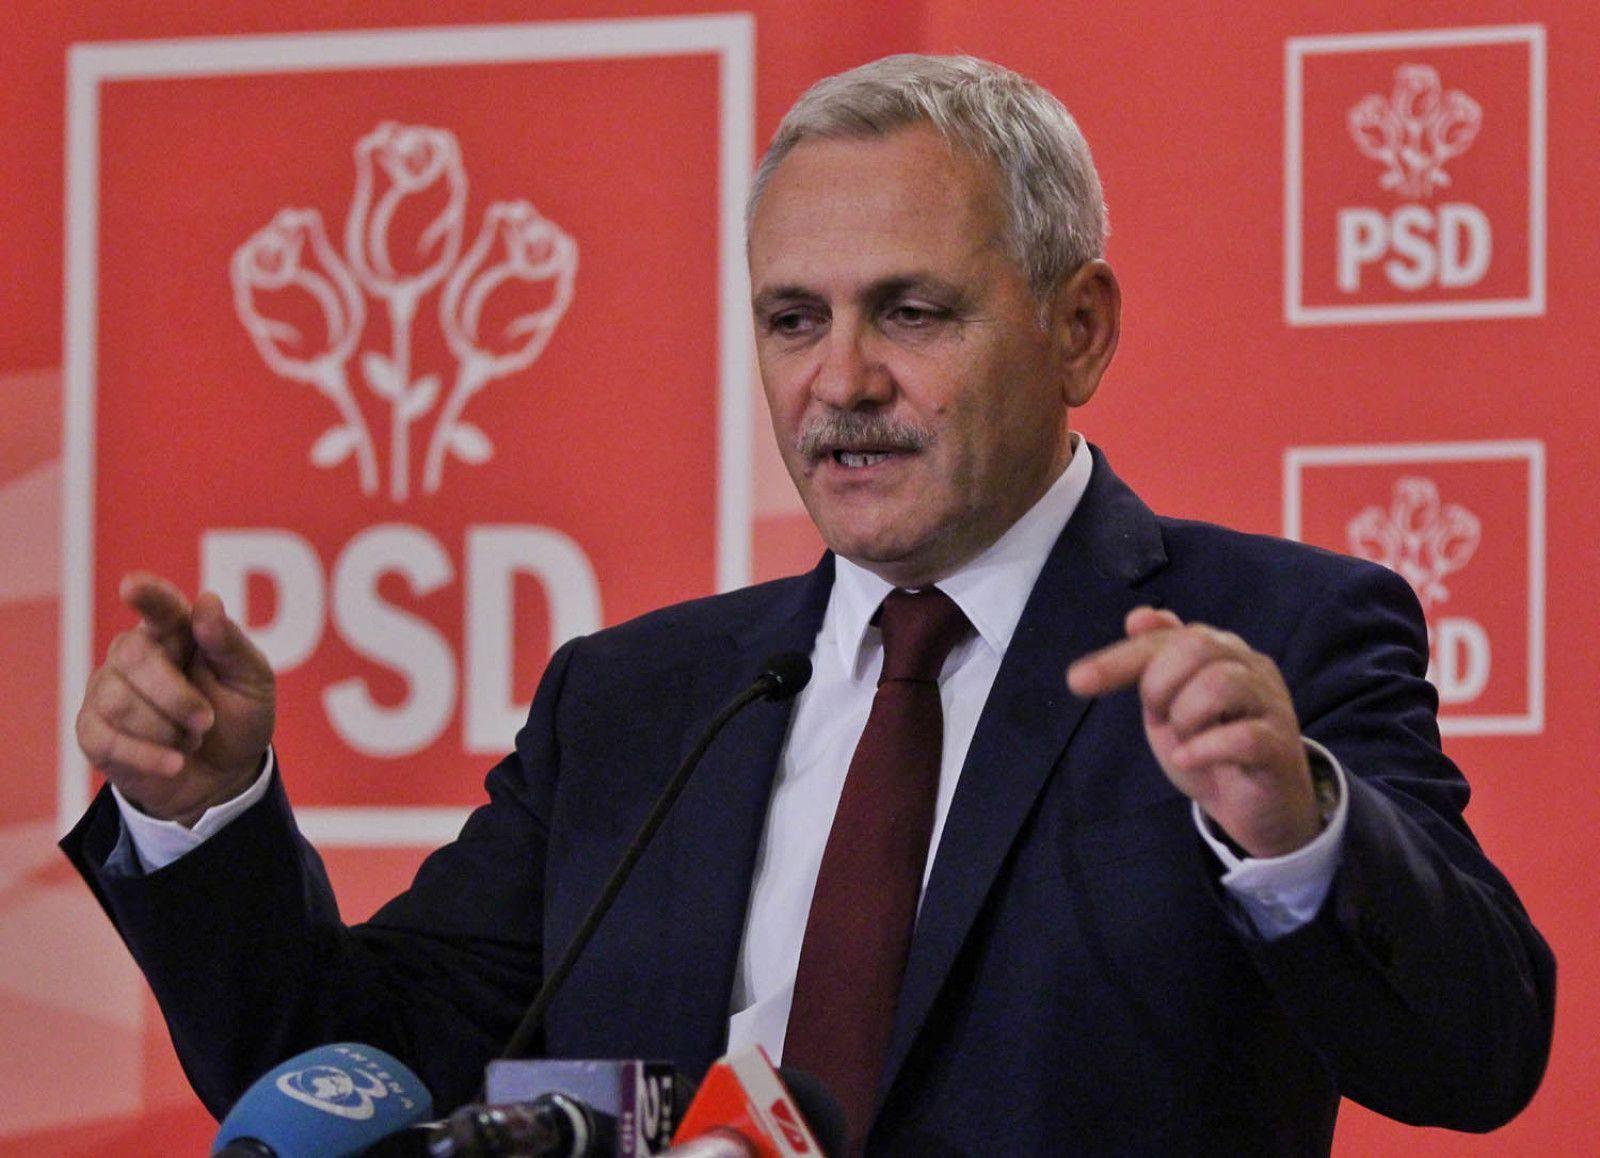 Romania: PSDhead announces referendum onamending the Constitution